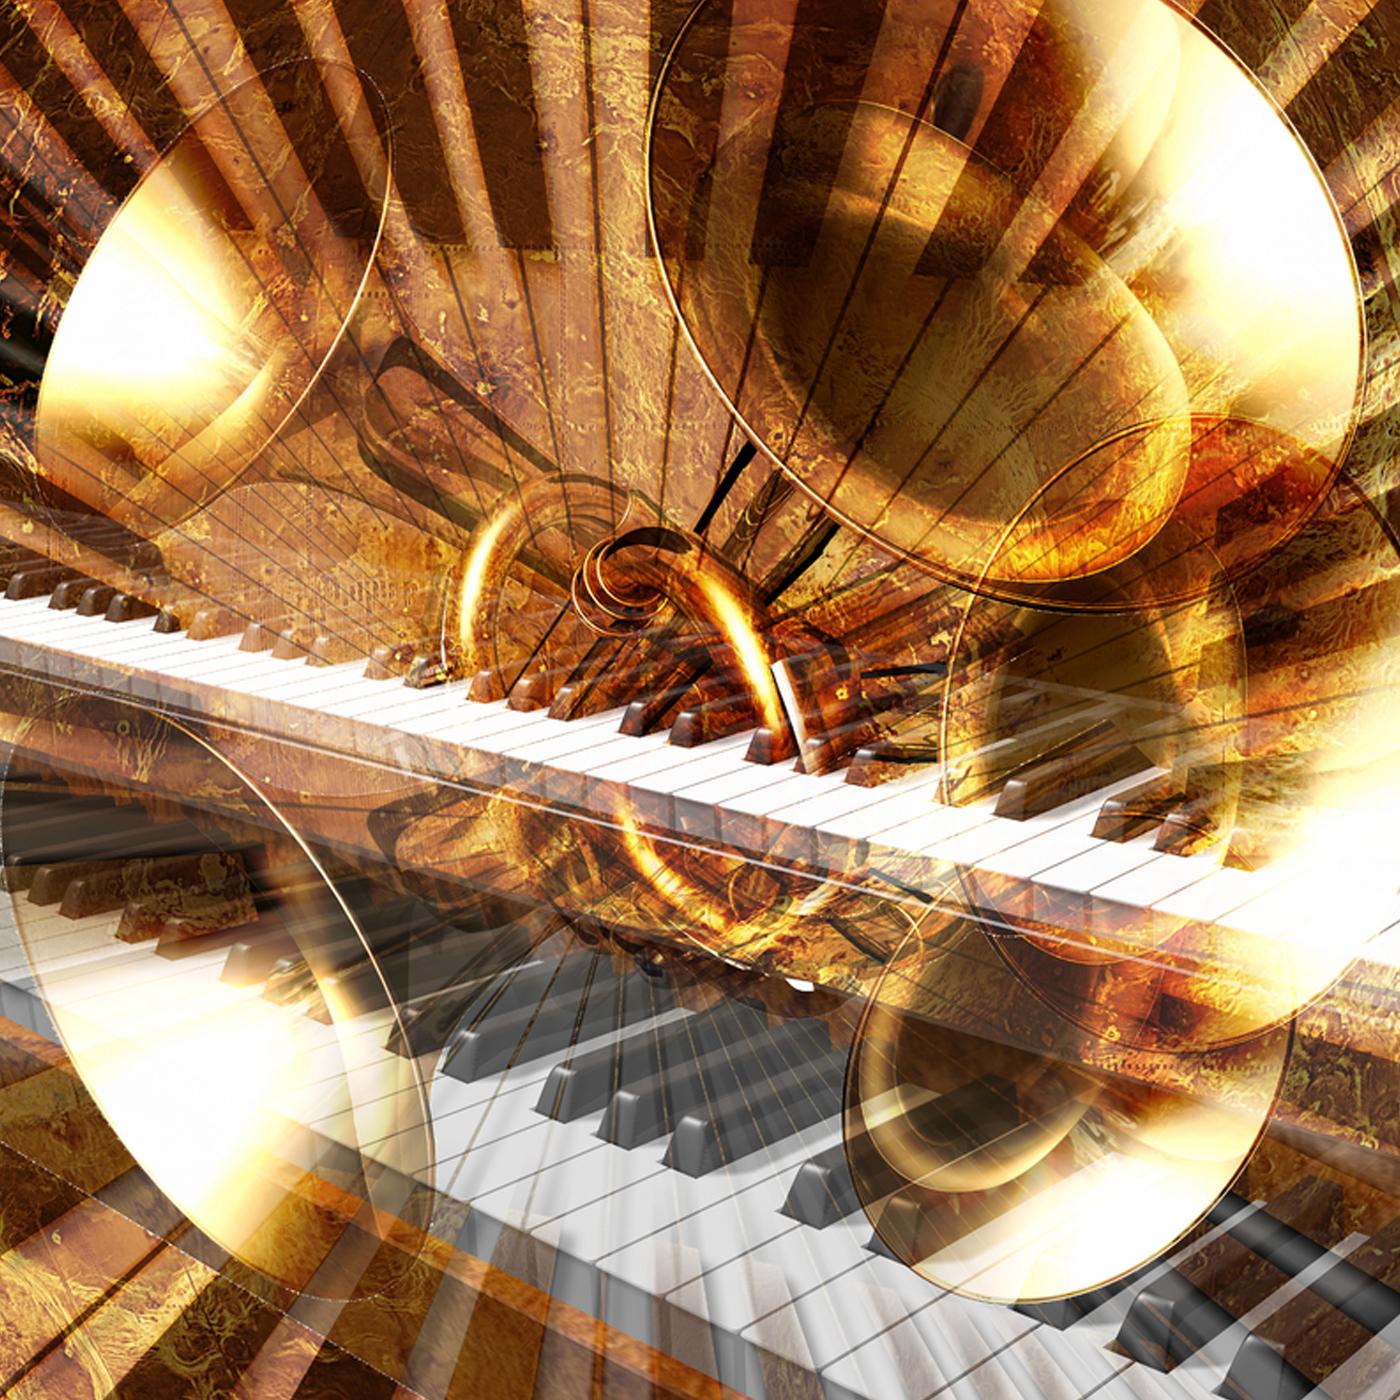 Trumpet Jazz Music Jazzradiocom